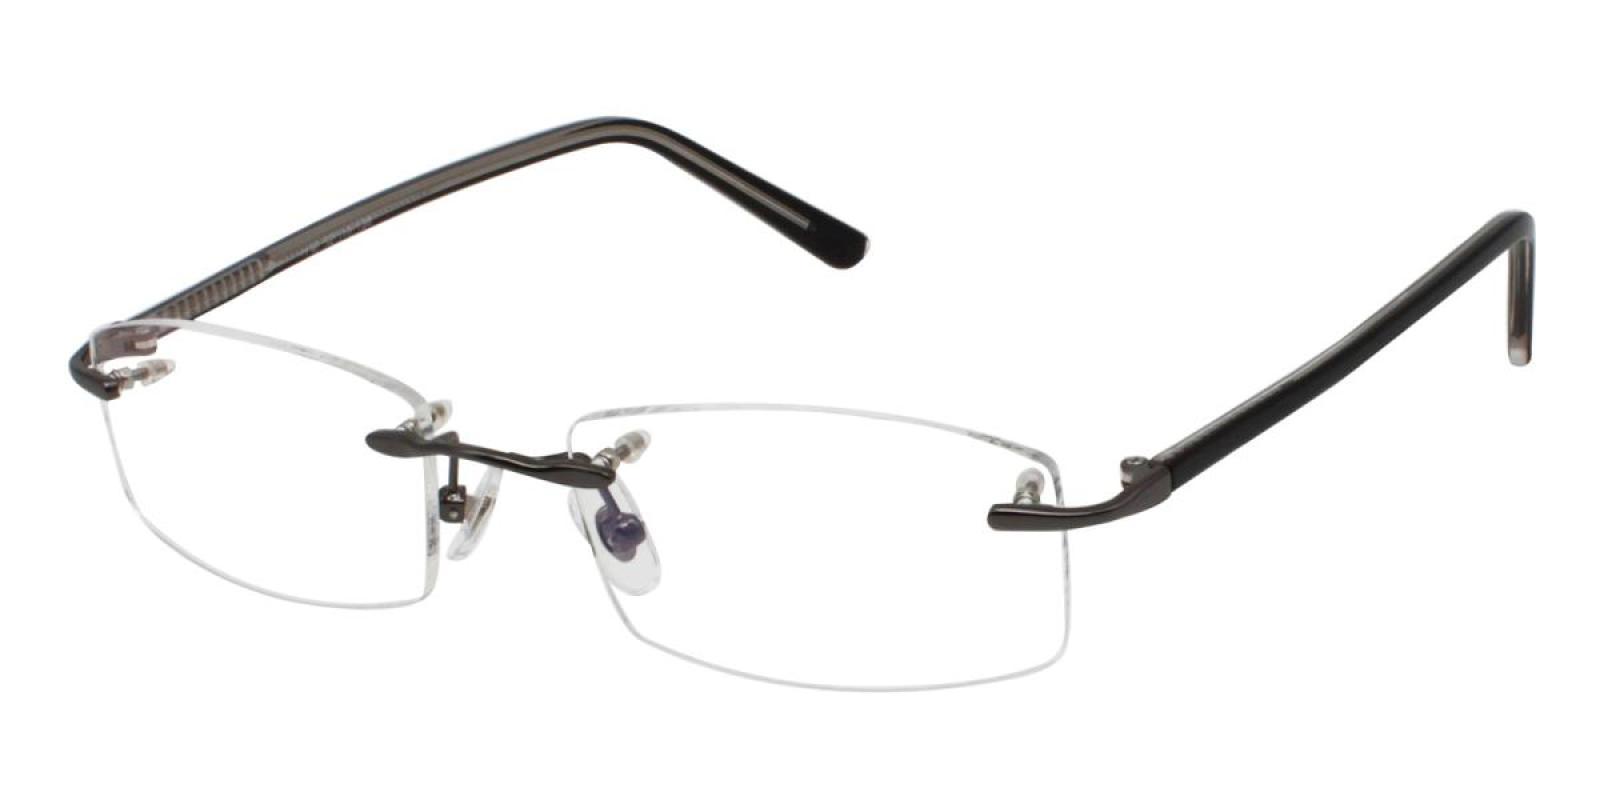 Billings-Gun-Varieties-Metal-Eyeglasses-additional1